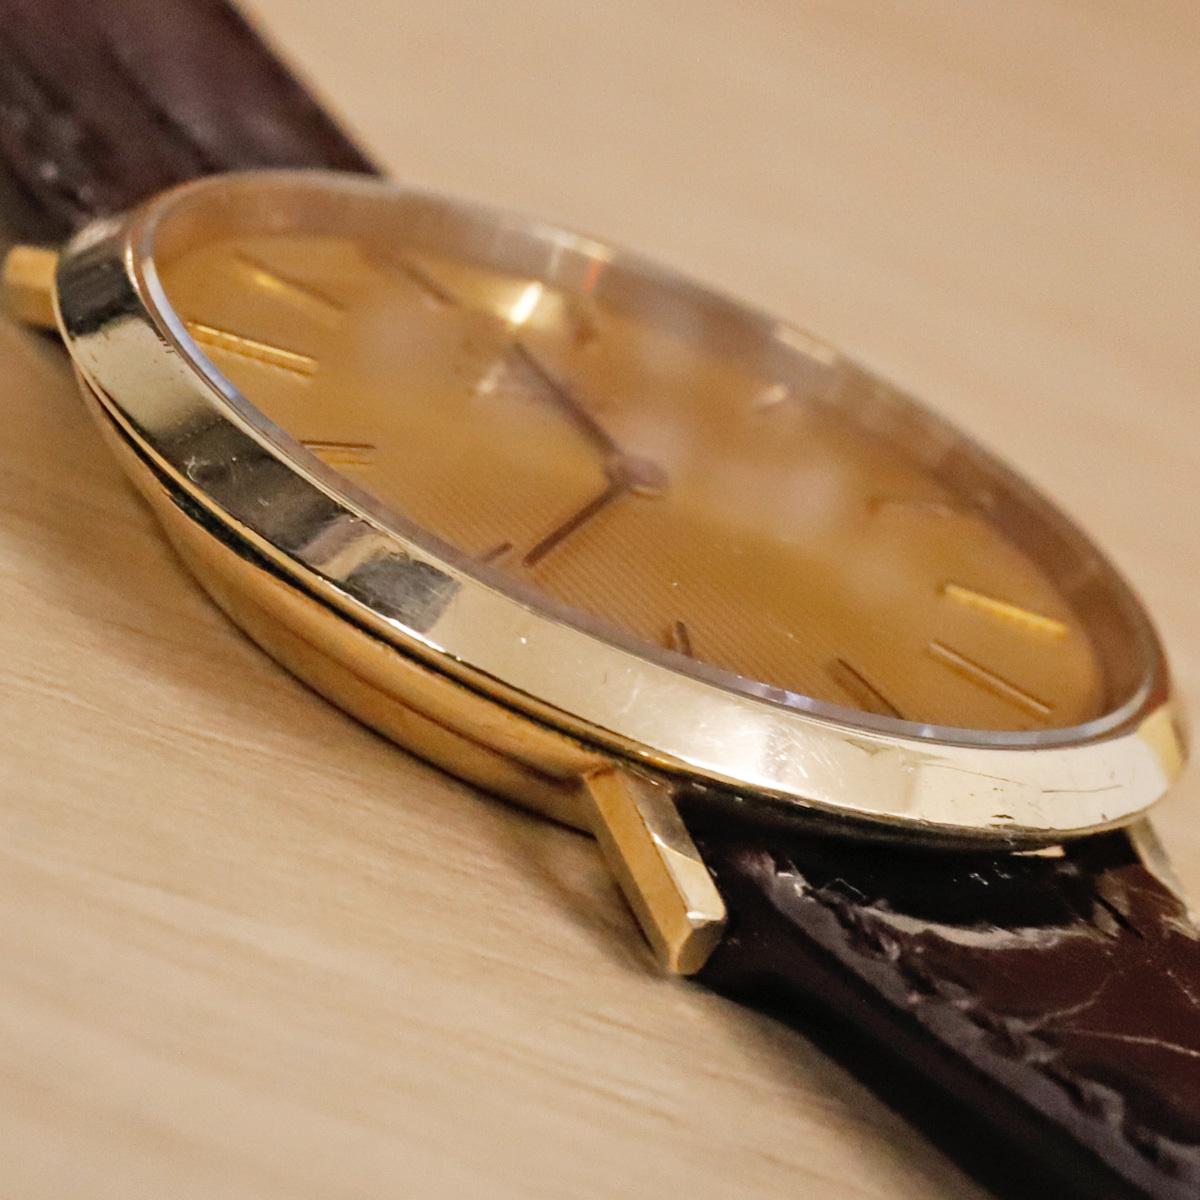 本物 オメガ 自動巻 オートマチック メンズウォッチ ゴールドケース 機械式腕時計 スイス製 正規品 OMEGA_画像4